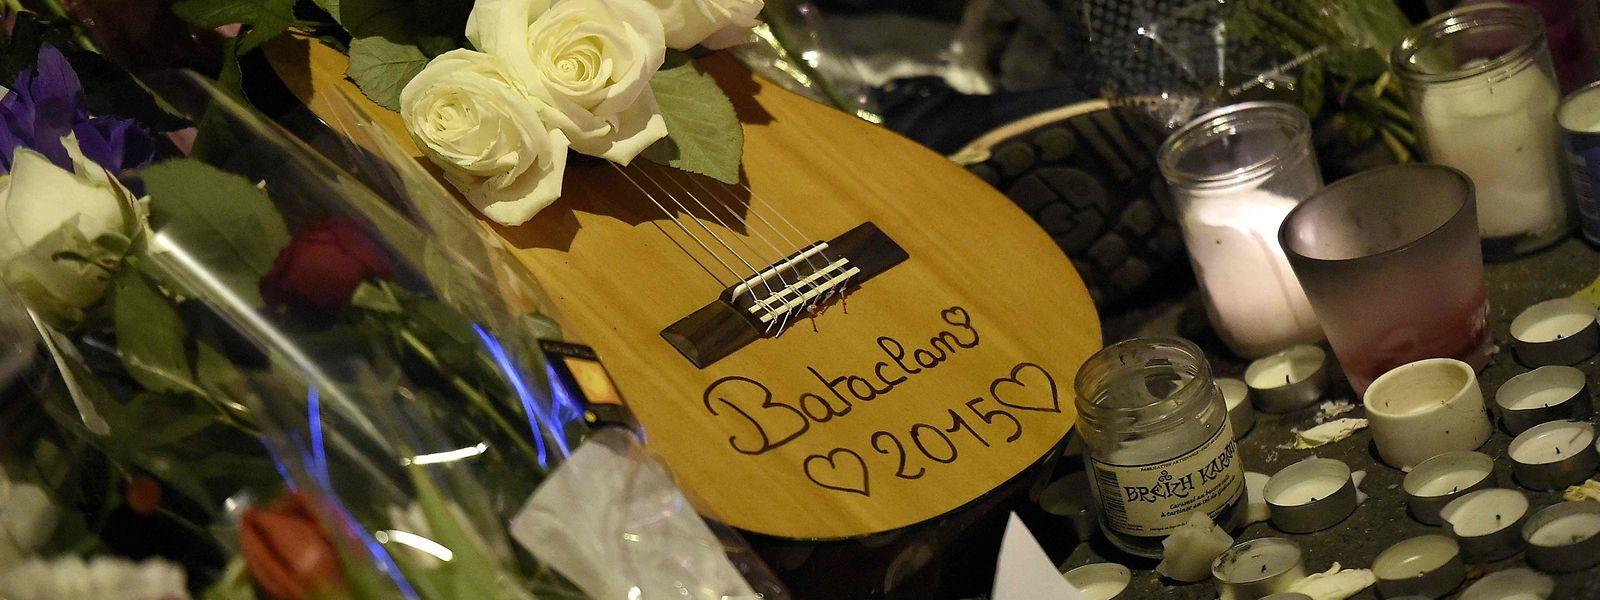 Blumen, Kerzen und eine Gitarre in Gedenken an die Opfer des Bataclan-Anschlags.